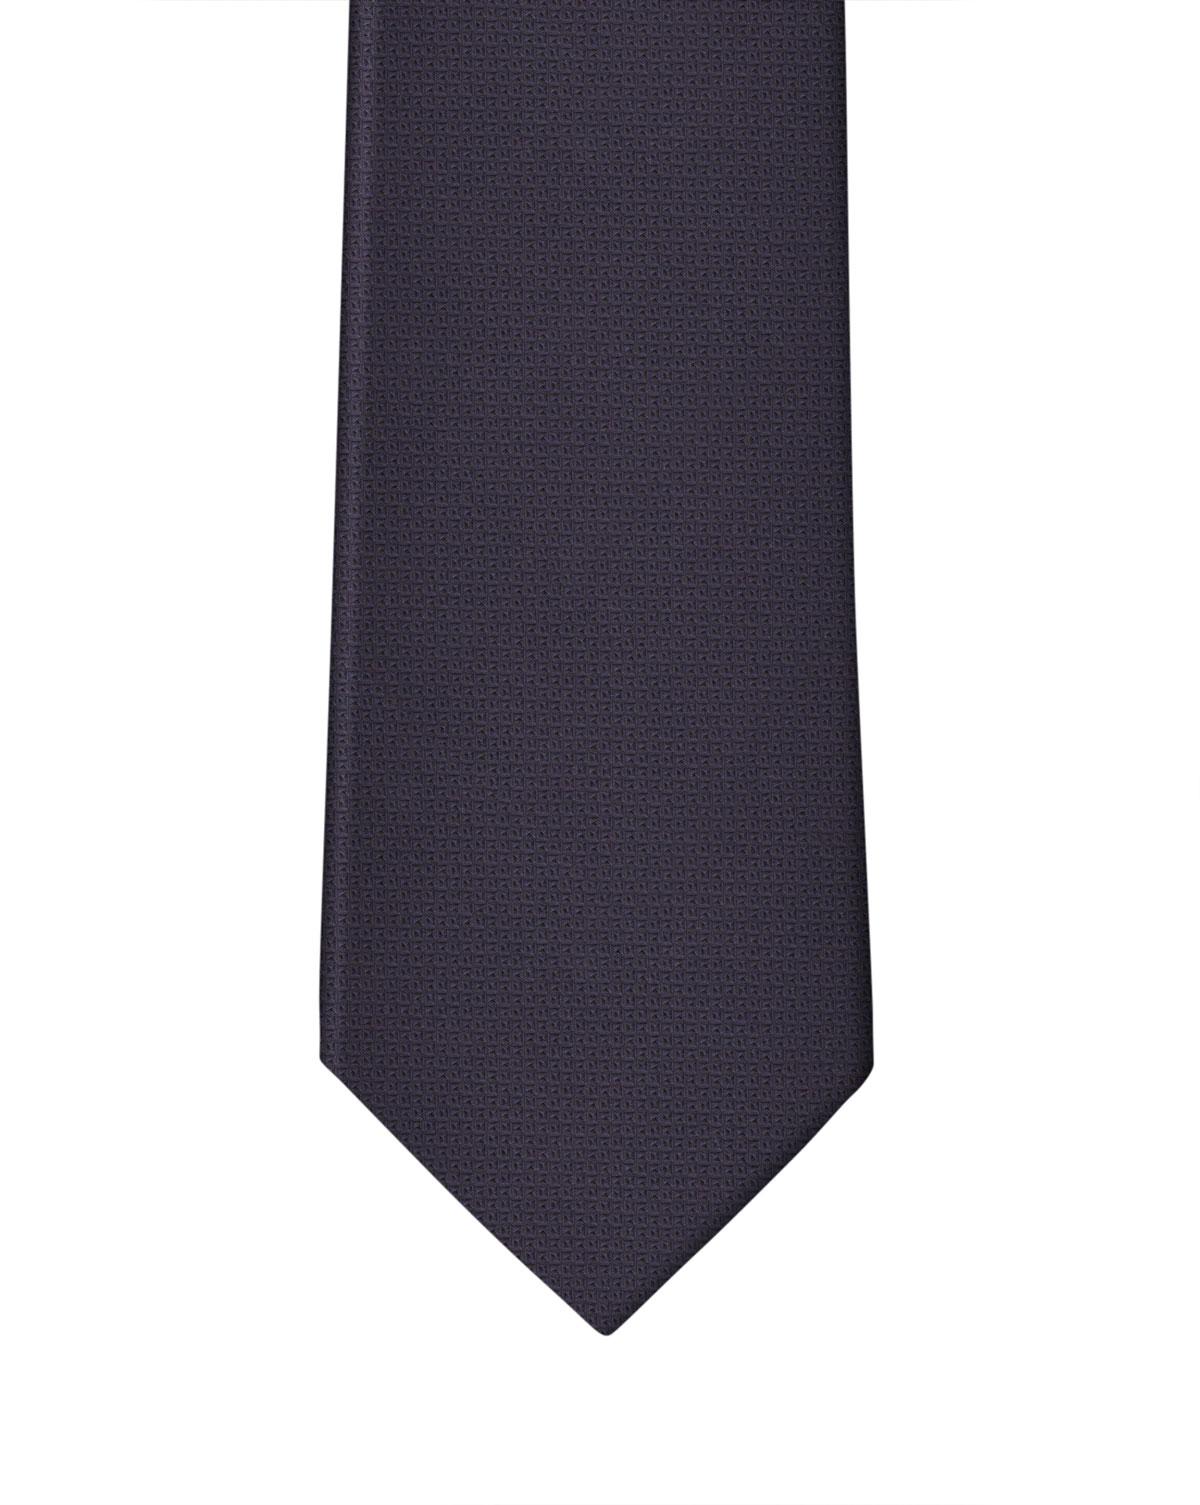 Dk Purple Very Fine Geometric Weave Necktie